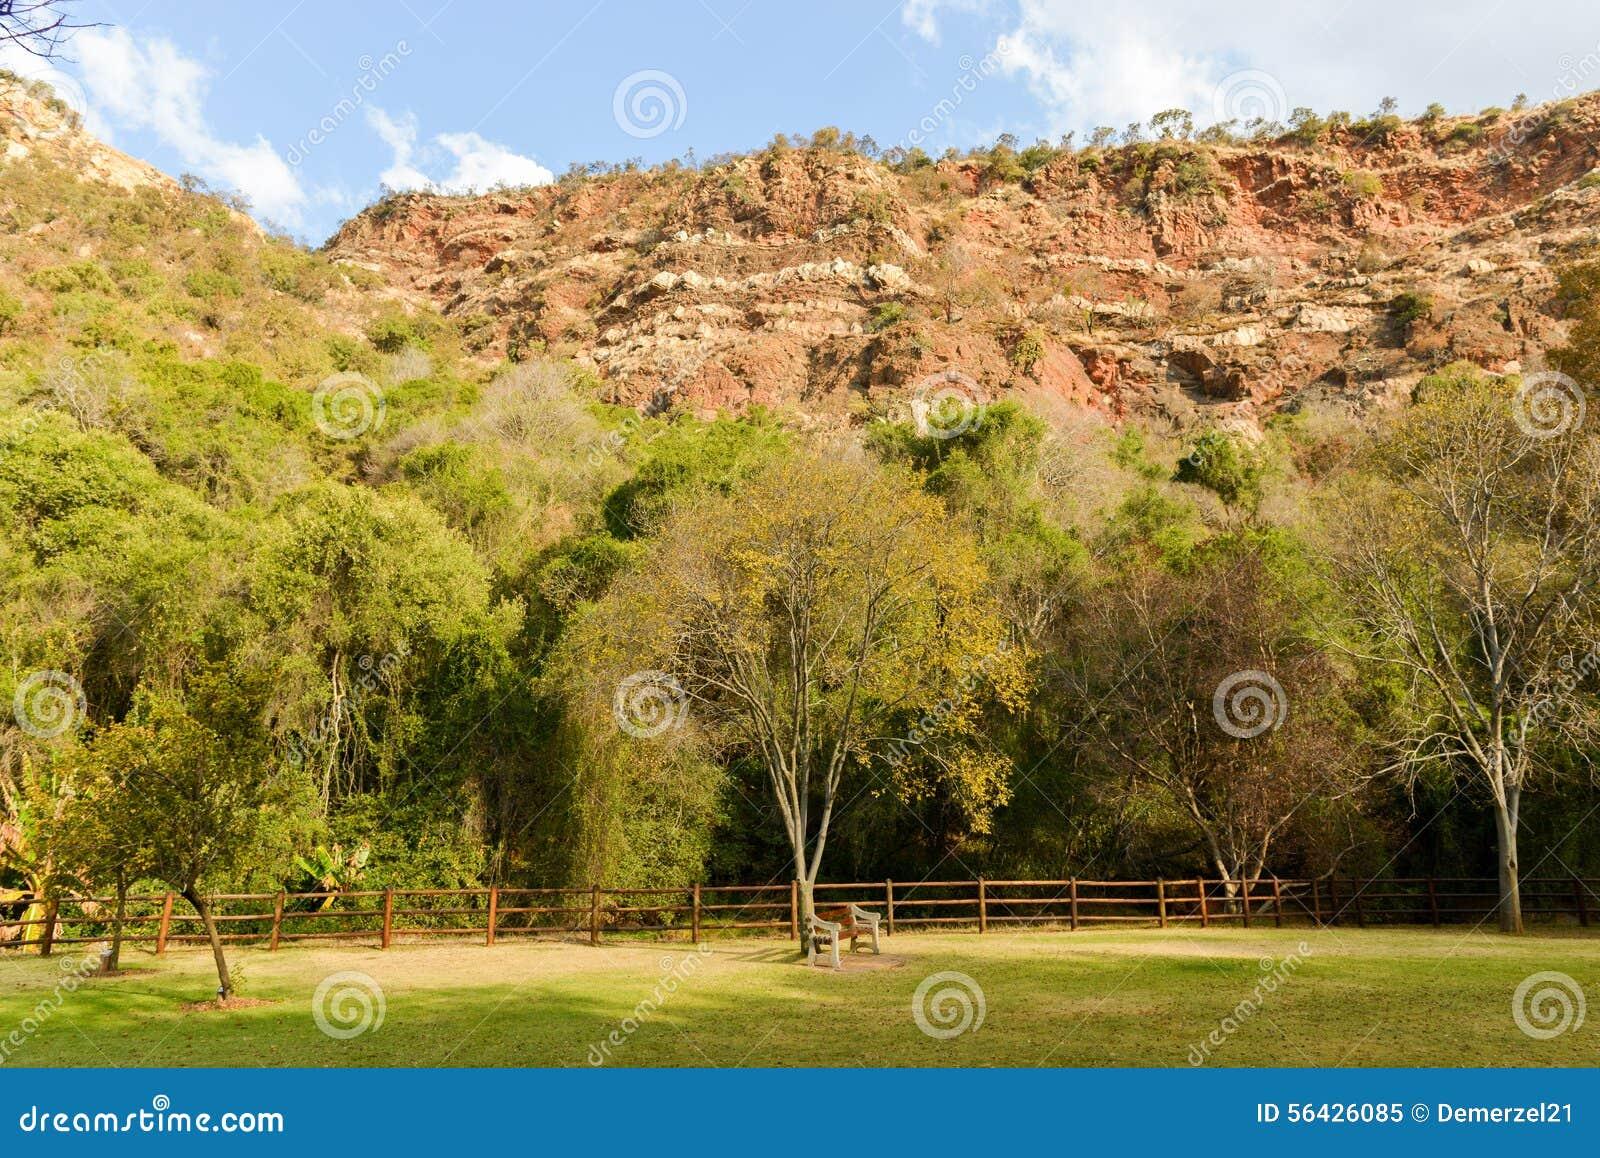 Walter Sisulu National Botanical Garden Stock Image - Image of ...